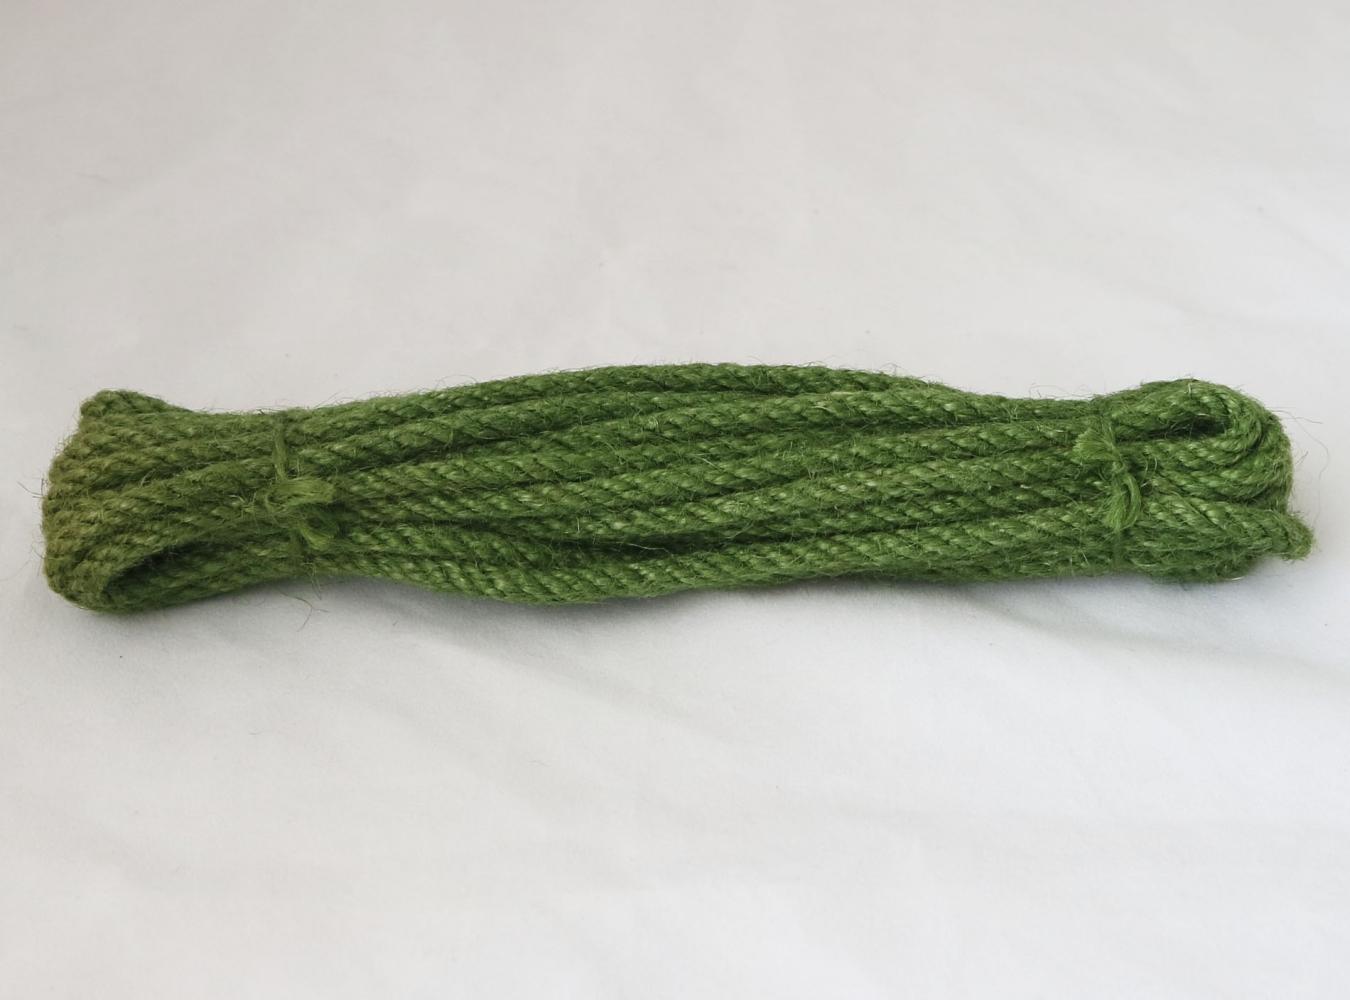 Канат джутовий зелений (лайм) Радосвіт, діаметр 6мм, моток 5 метрів - 1